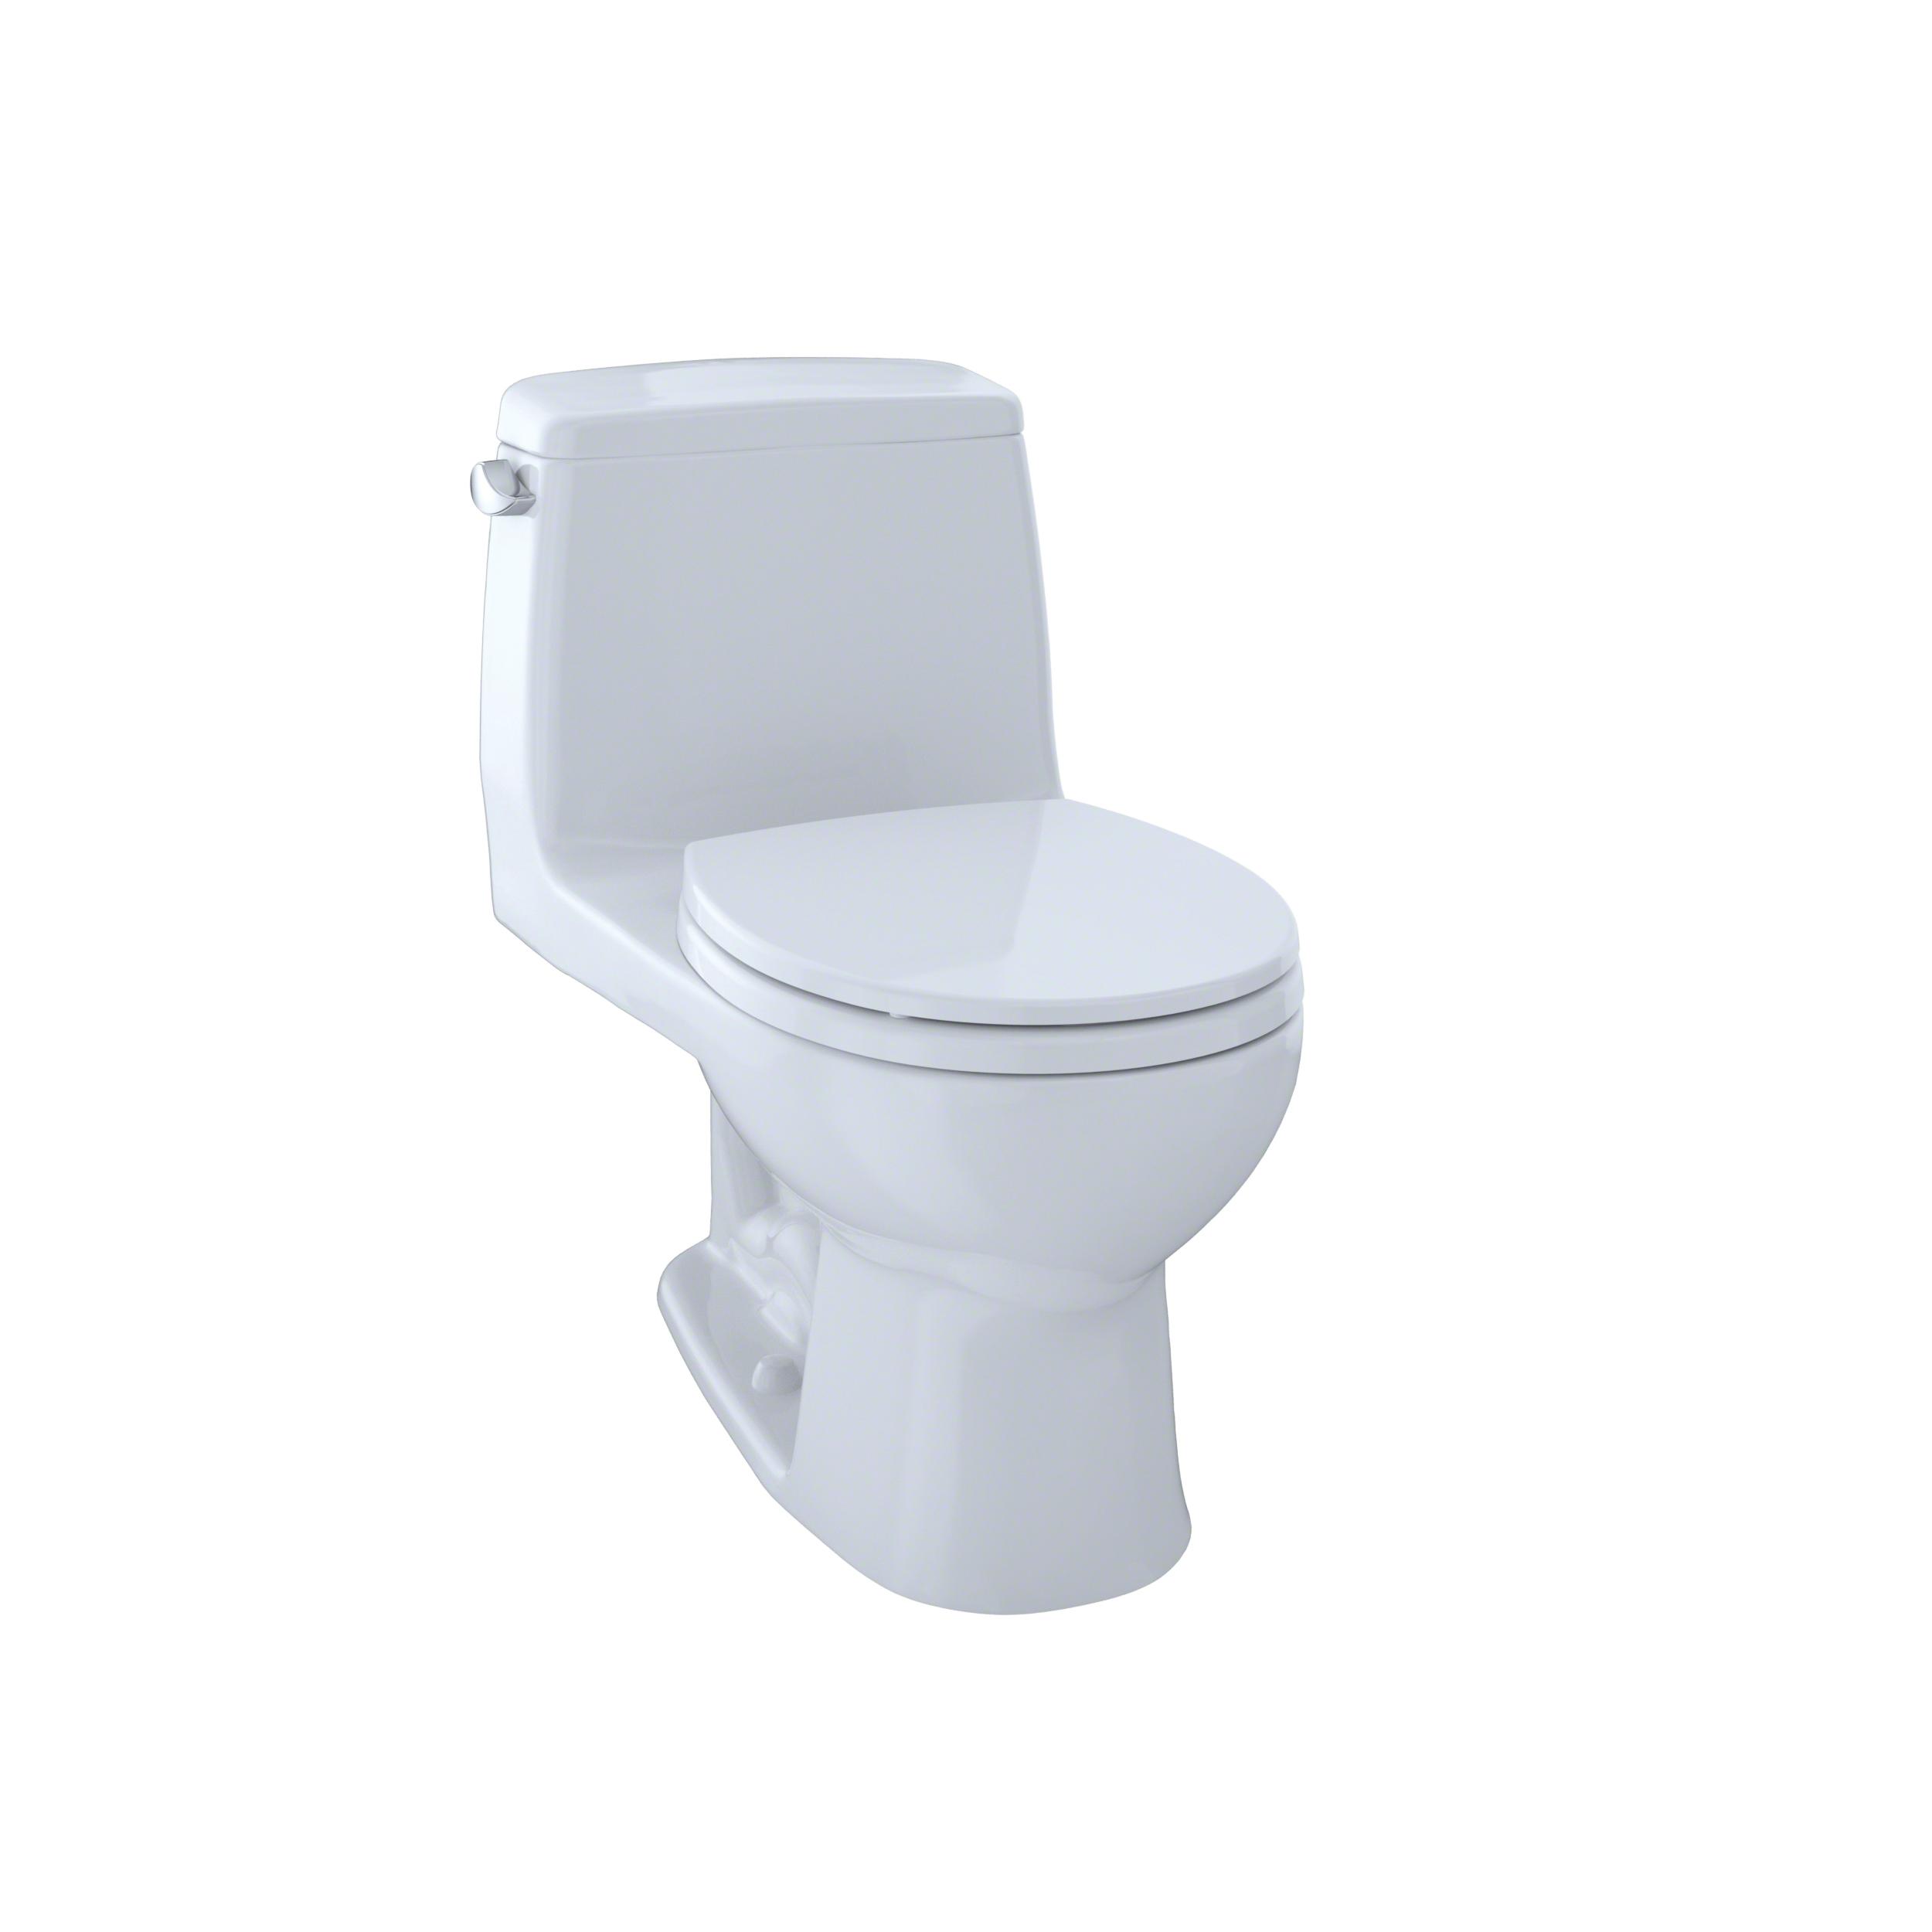 Toto® MS853113E#12 Eco UltraMax® One-Piece Toilet, Round Bowl, 15-11/16 in H Rim, 1.28 gpf, Sedona Beige, Domestic